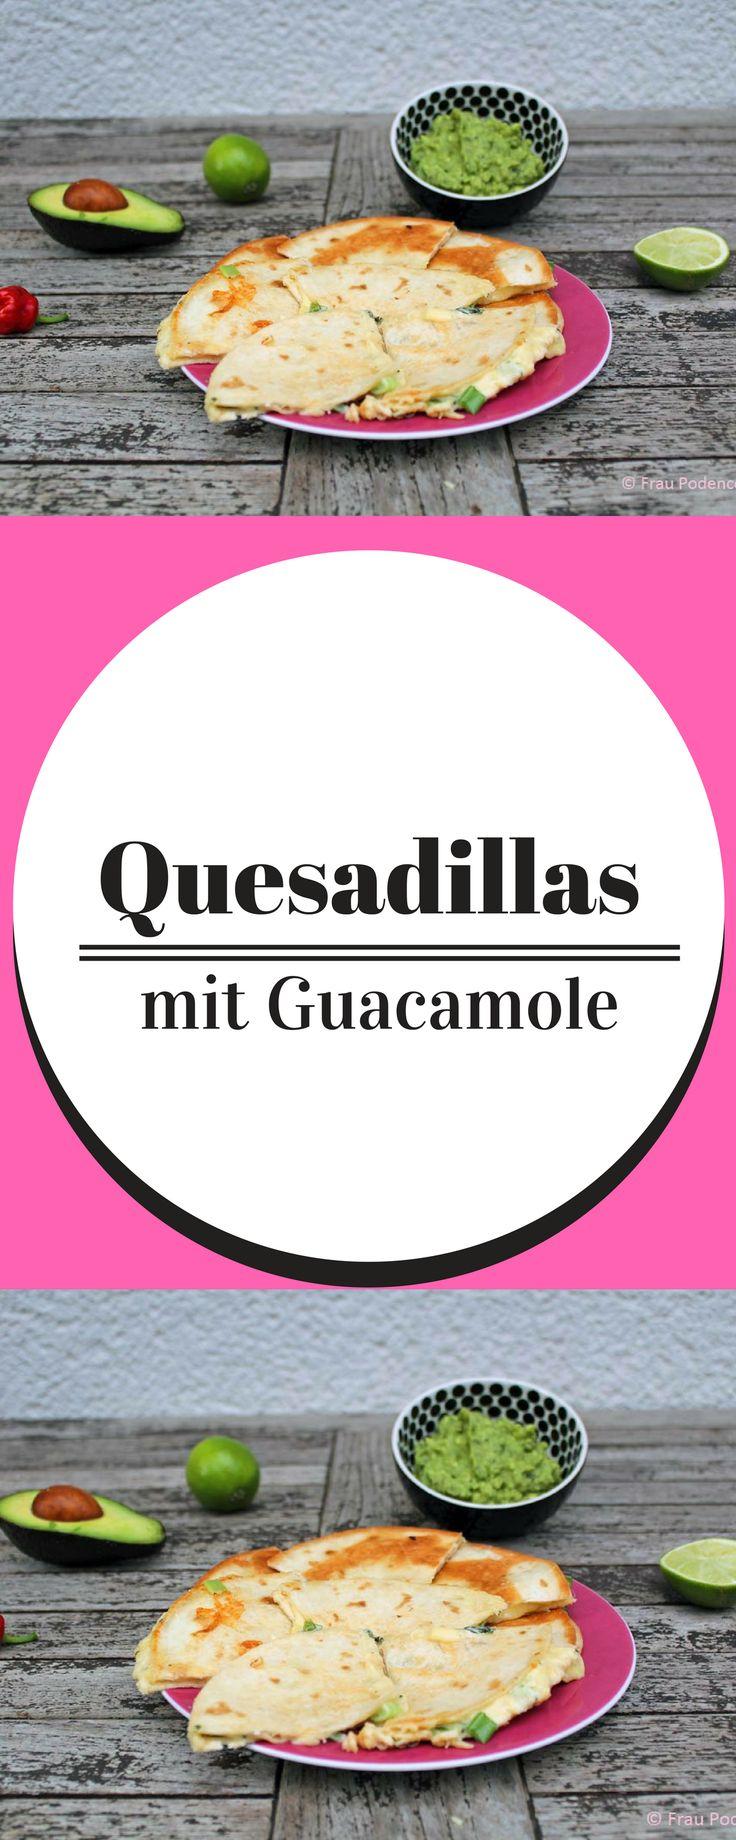 Quesadillas sind mit Käse gefüllte Tortillas, ein mexikanischer …   – Mexikanisch vegetarisch